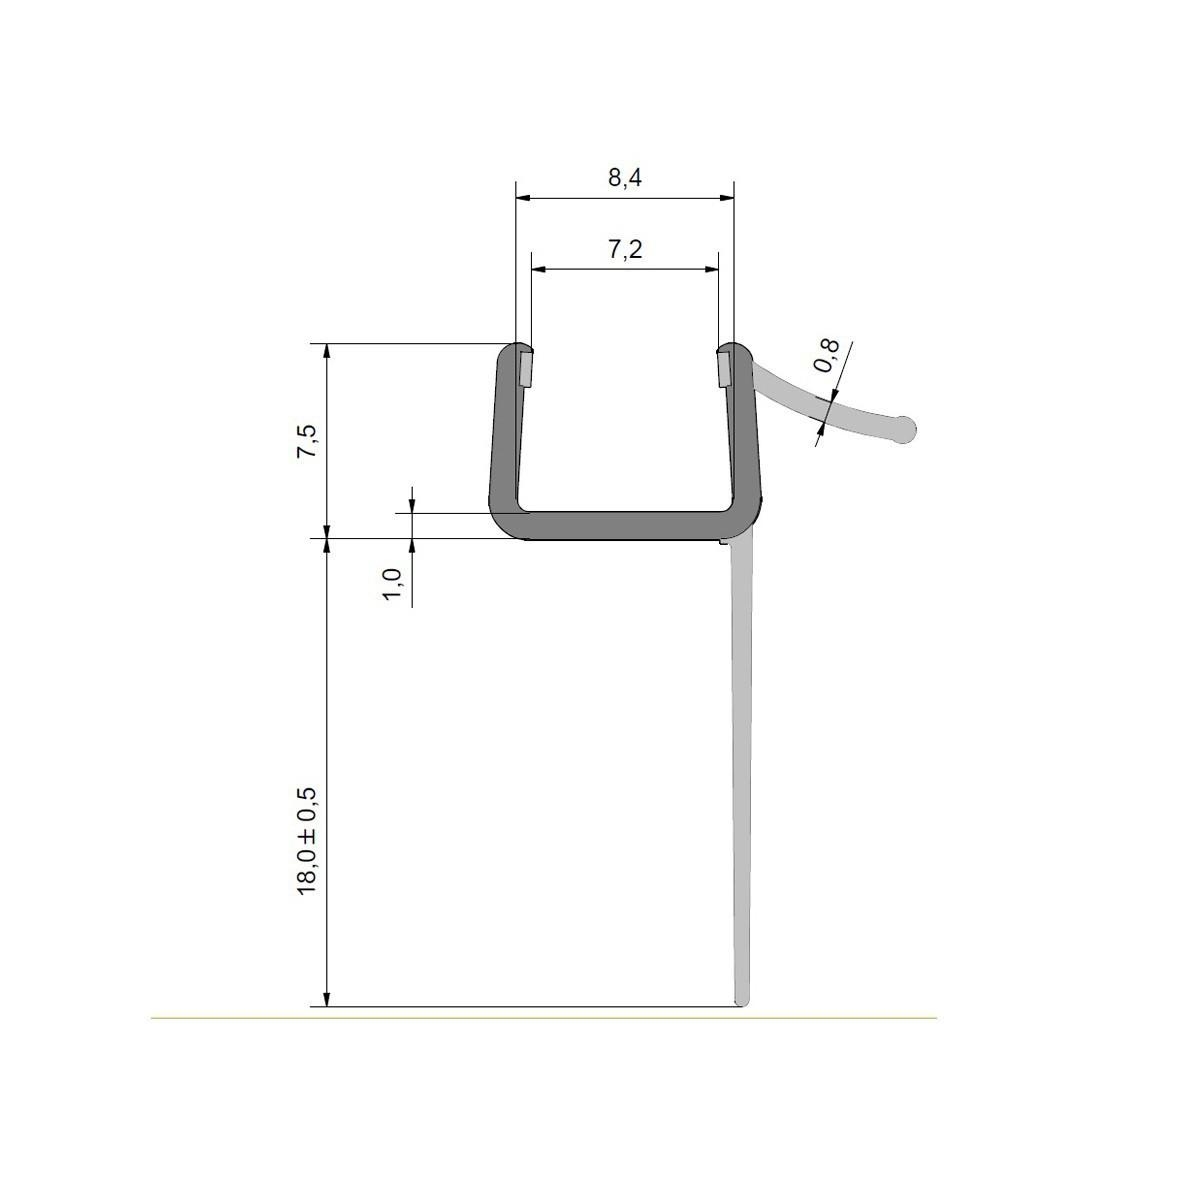 Wasserabweisprofil für 8mm Glas Duschen, lange Fahne, Ersatzdichtung, Duschdichtung, 1000mm